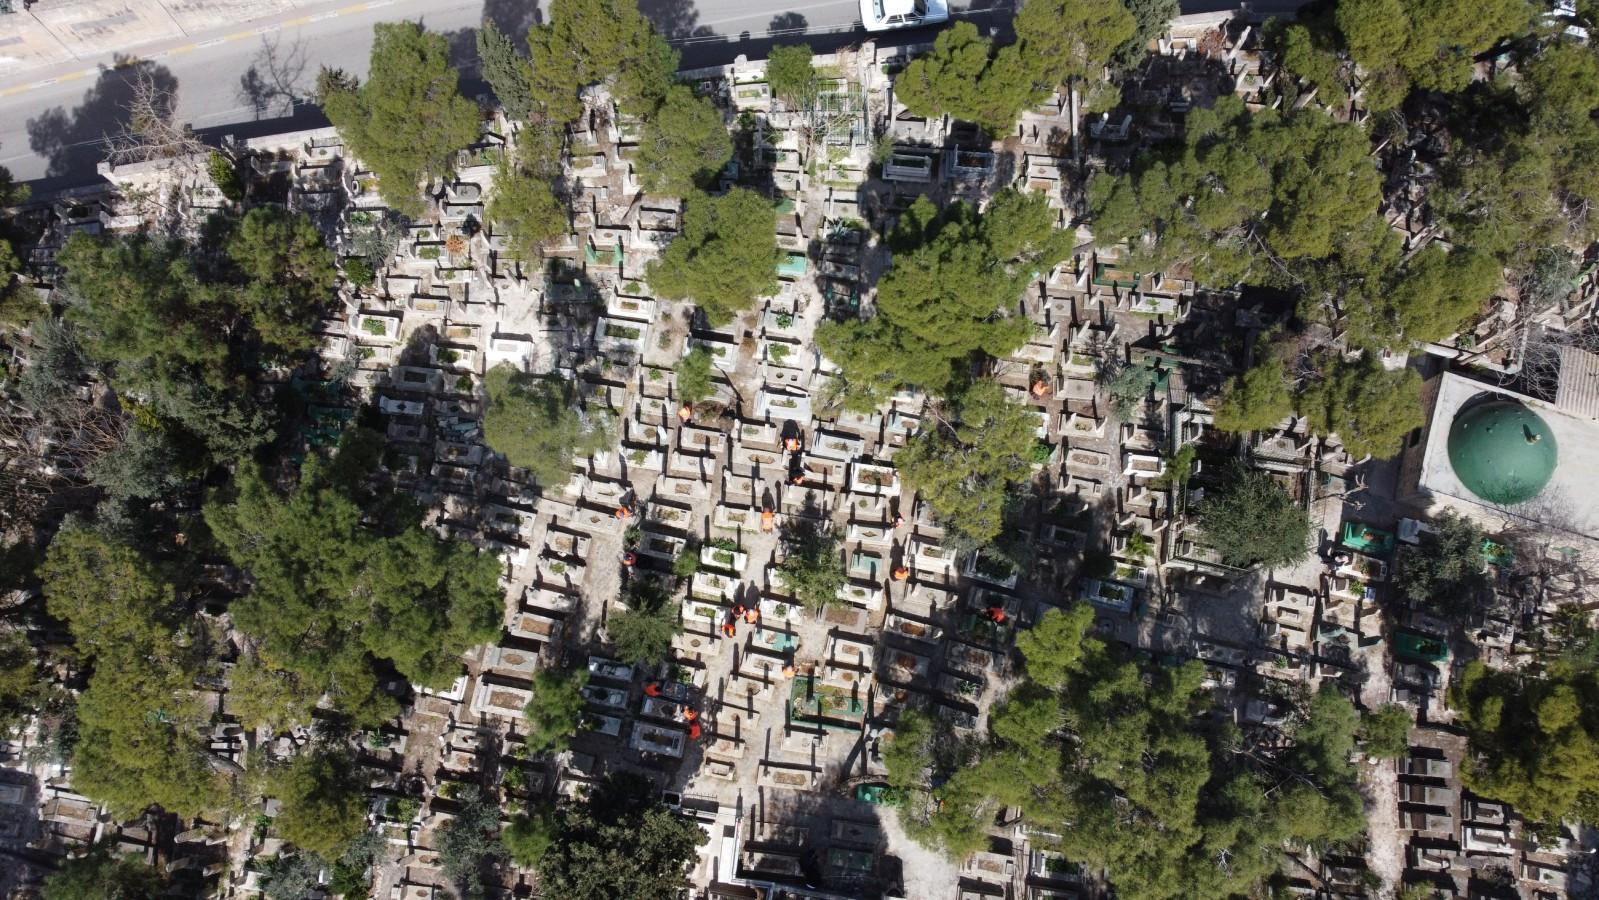 Mezarlıklarda Ramazan Öncesi Temizlik Ve Bakım Çalışmaları Gerçekleştirildi